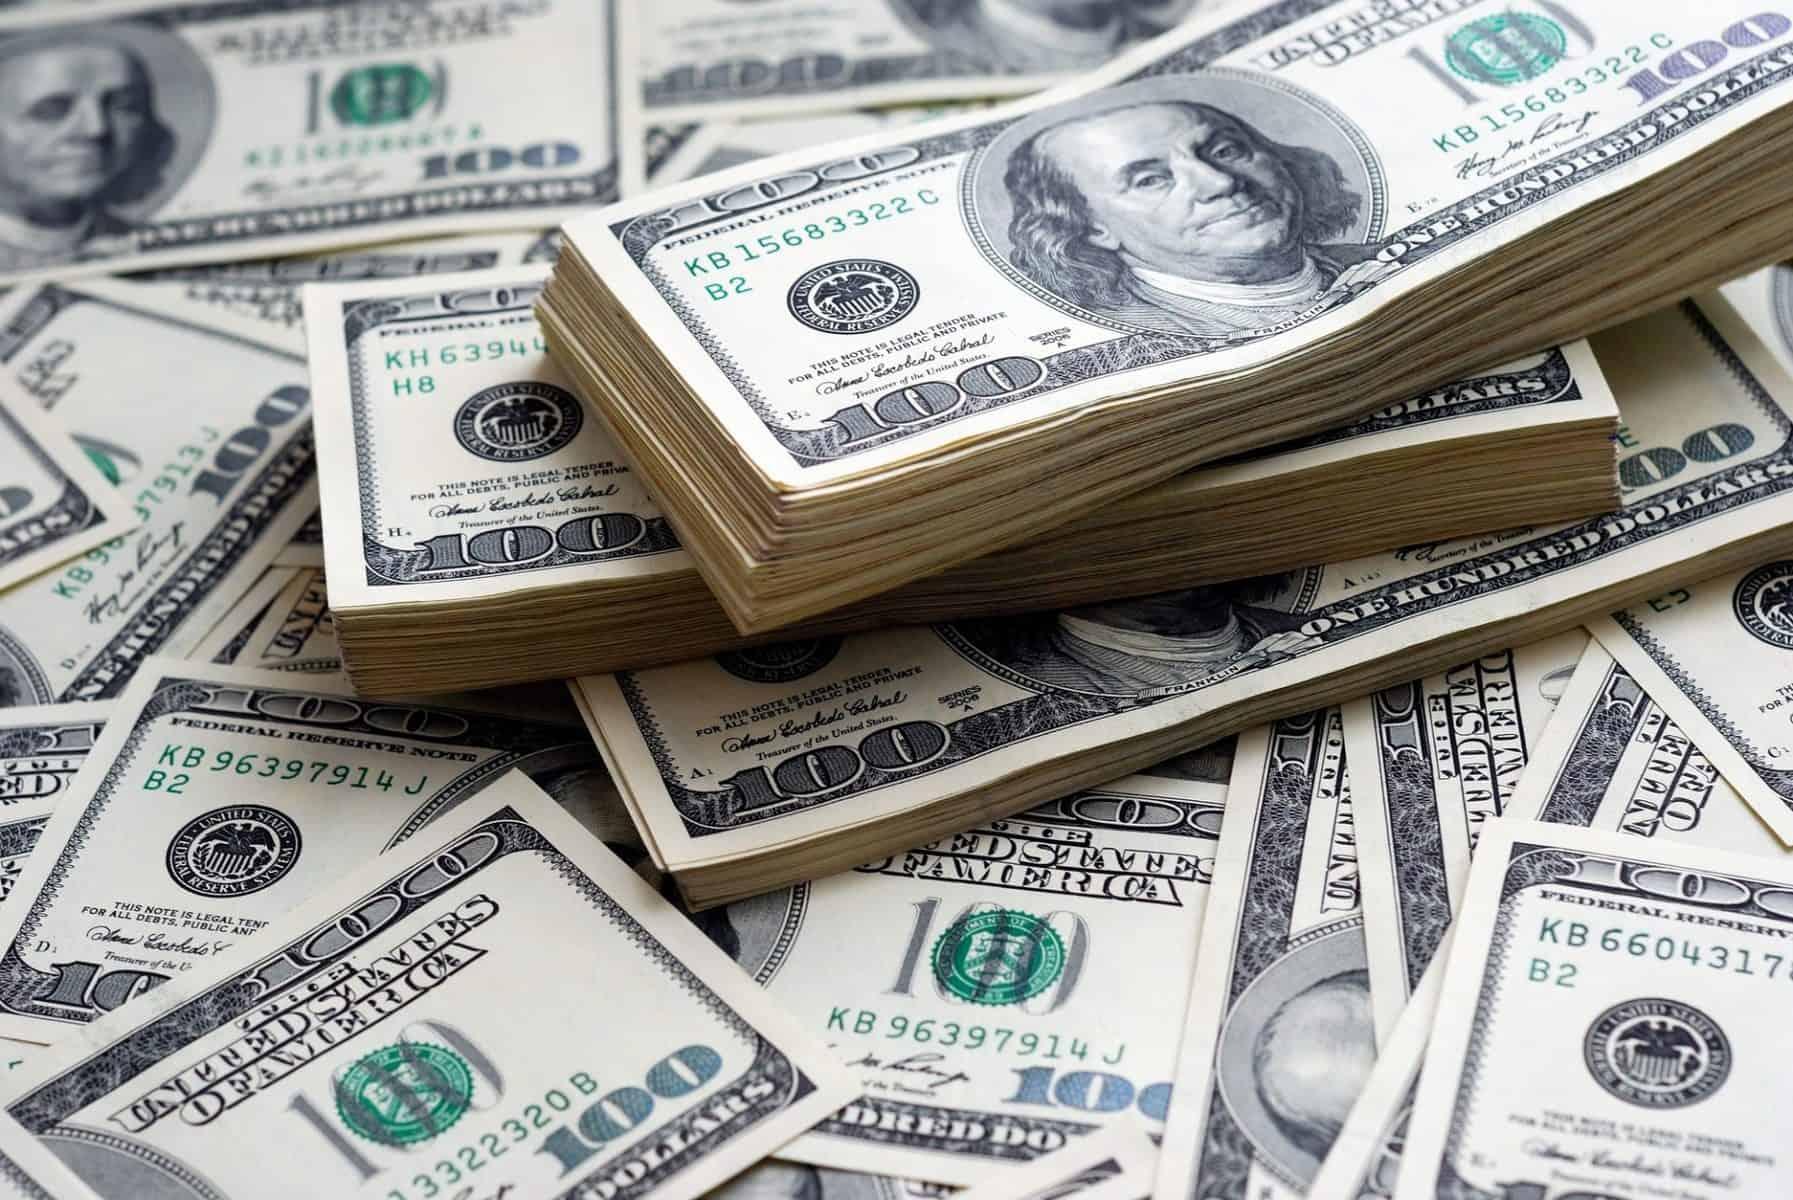 Kayak prices - Dollar bank note money background